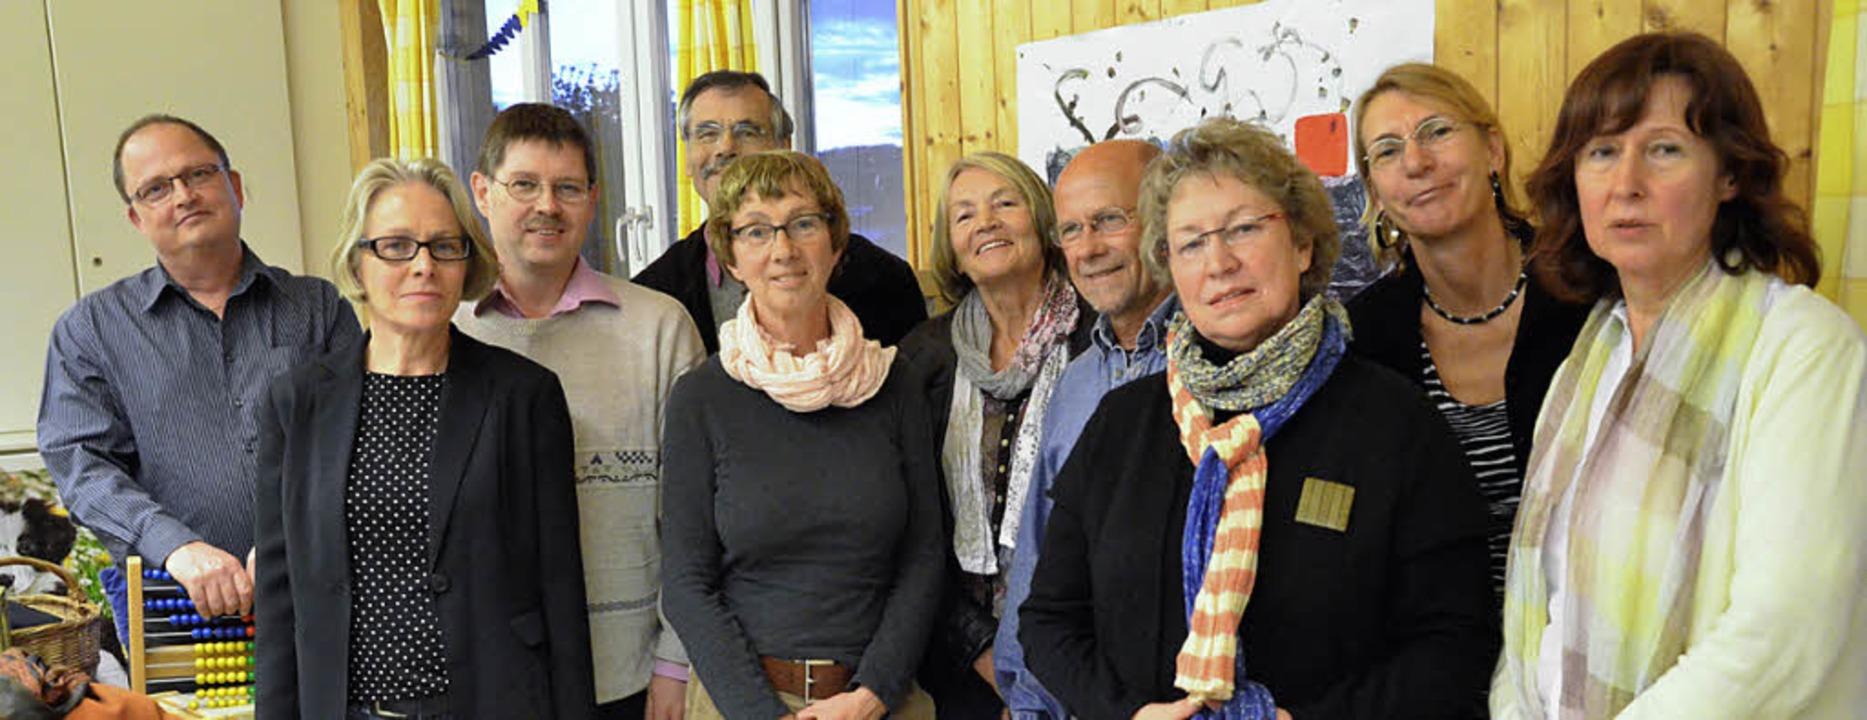 Der Vorstand und die Kuratoren des VBK   | Foto: Barbara Ruda